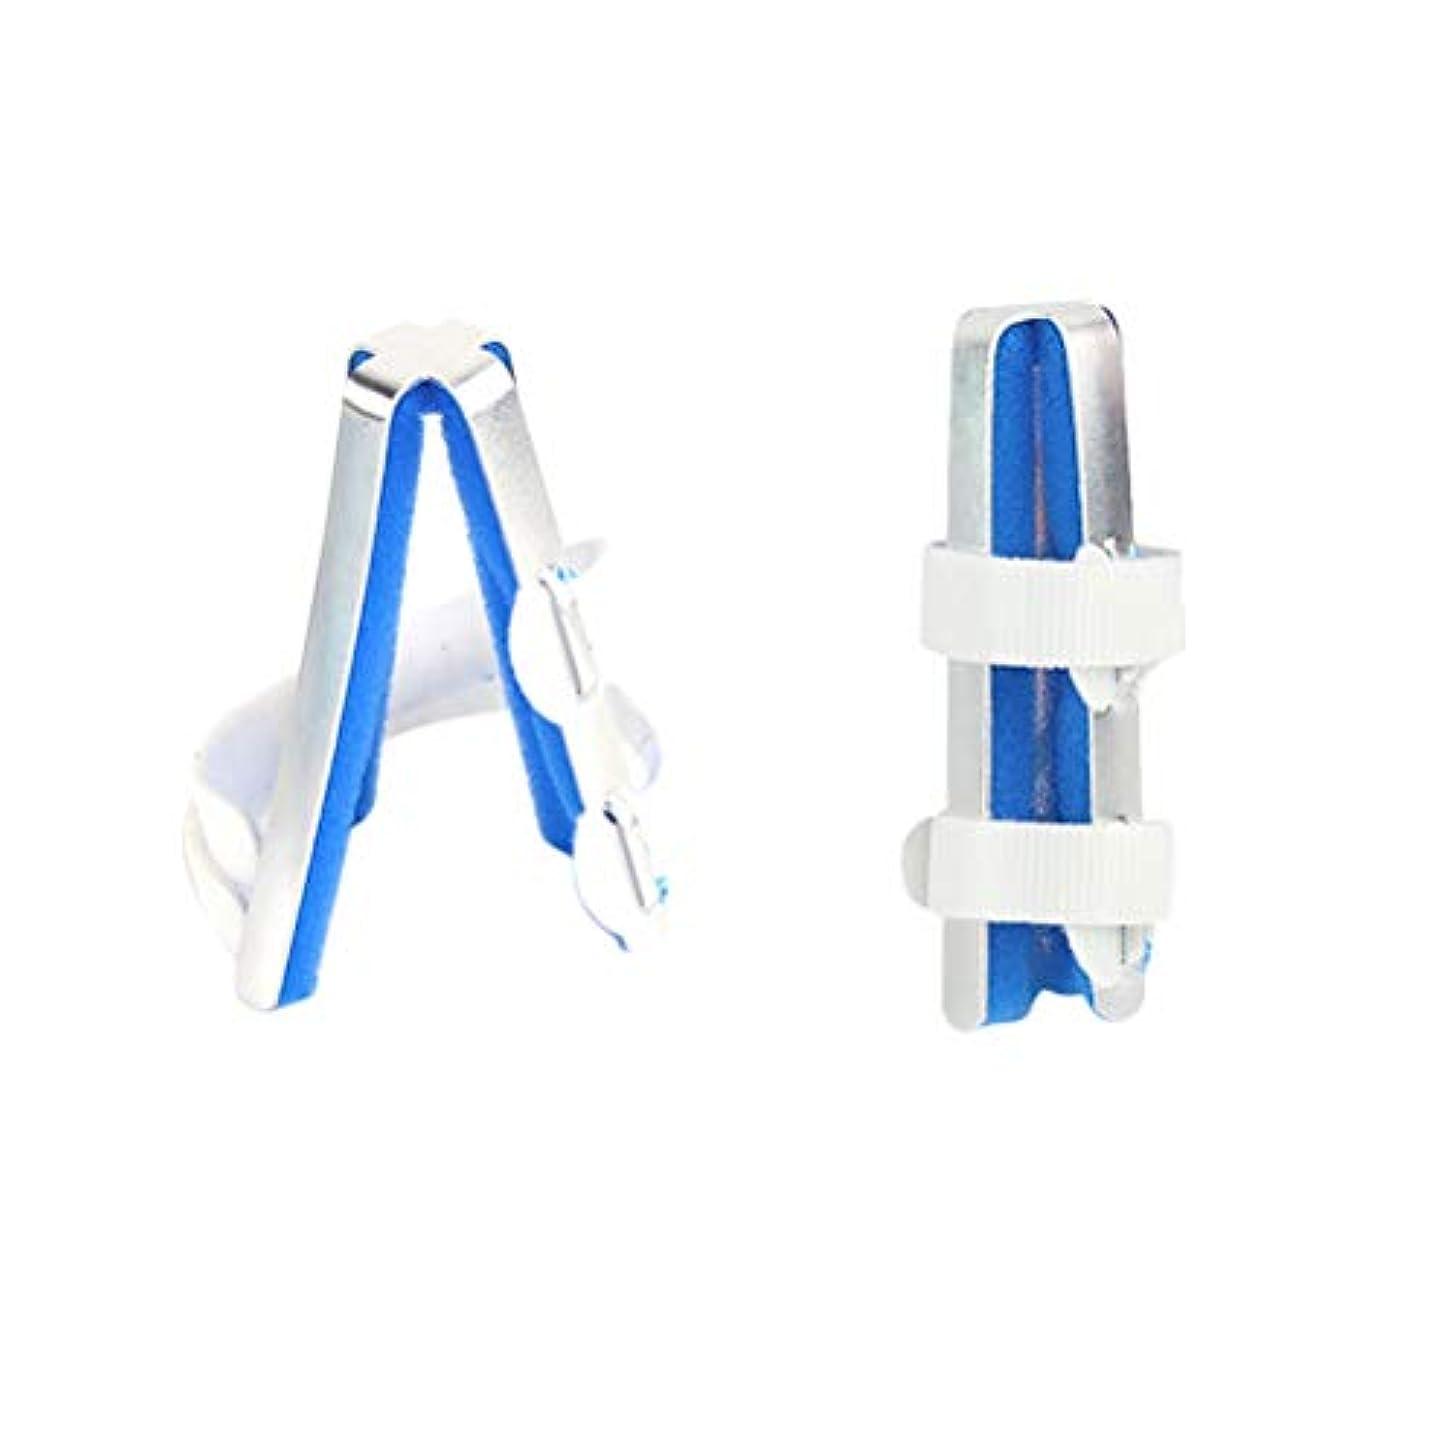 プレゼントリーガン扱いやすいHealifty 保護具のサイズMをまっすぐにしている指関節補正骨折固定副木